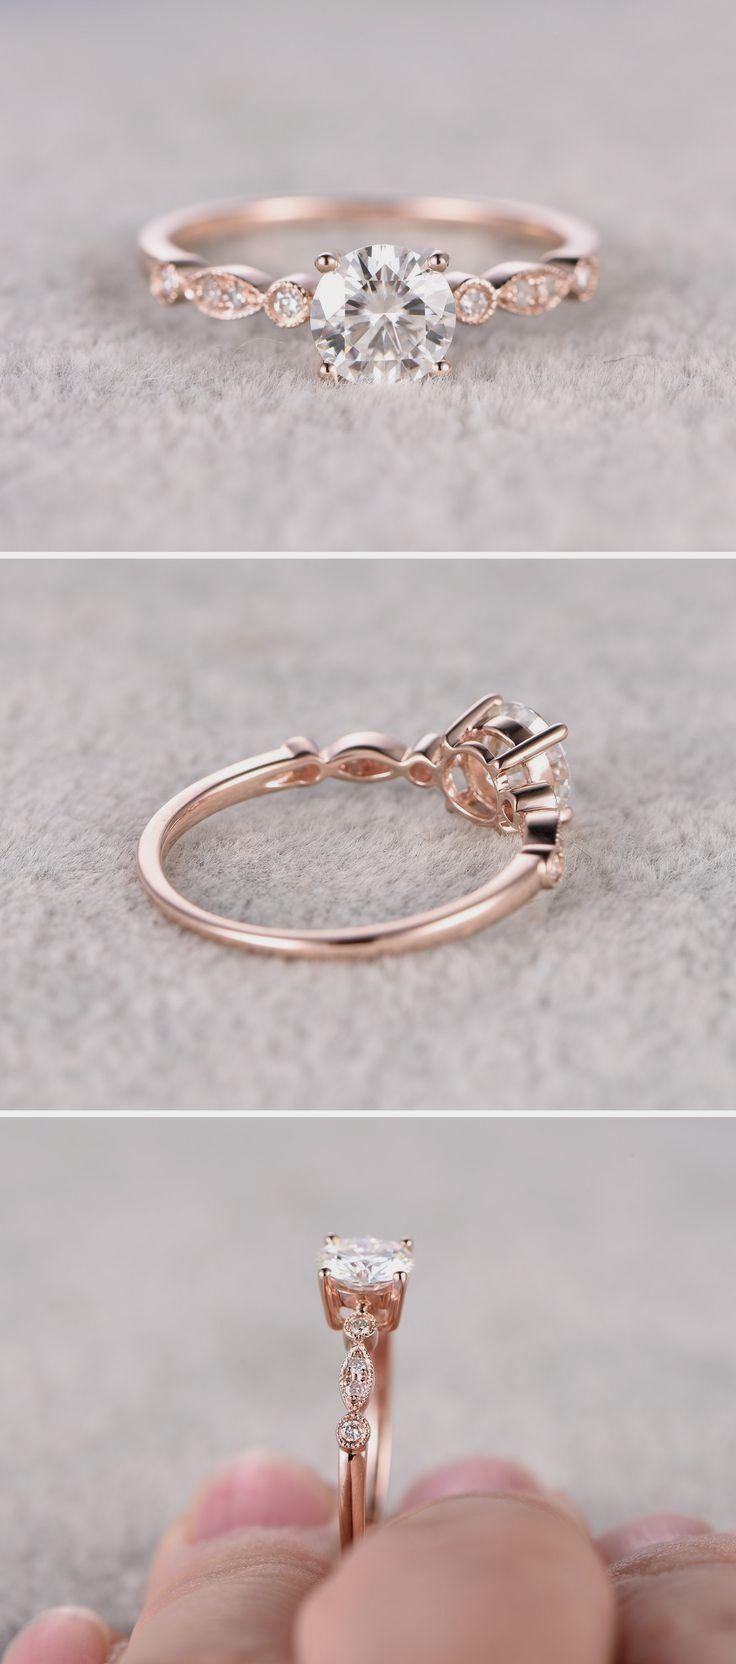 Pin by Jennifer Zablotny on Engagement Rings Pinterest Rose gold